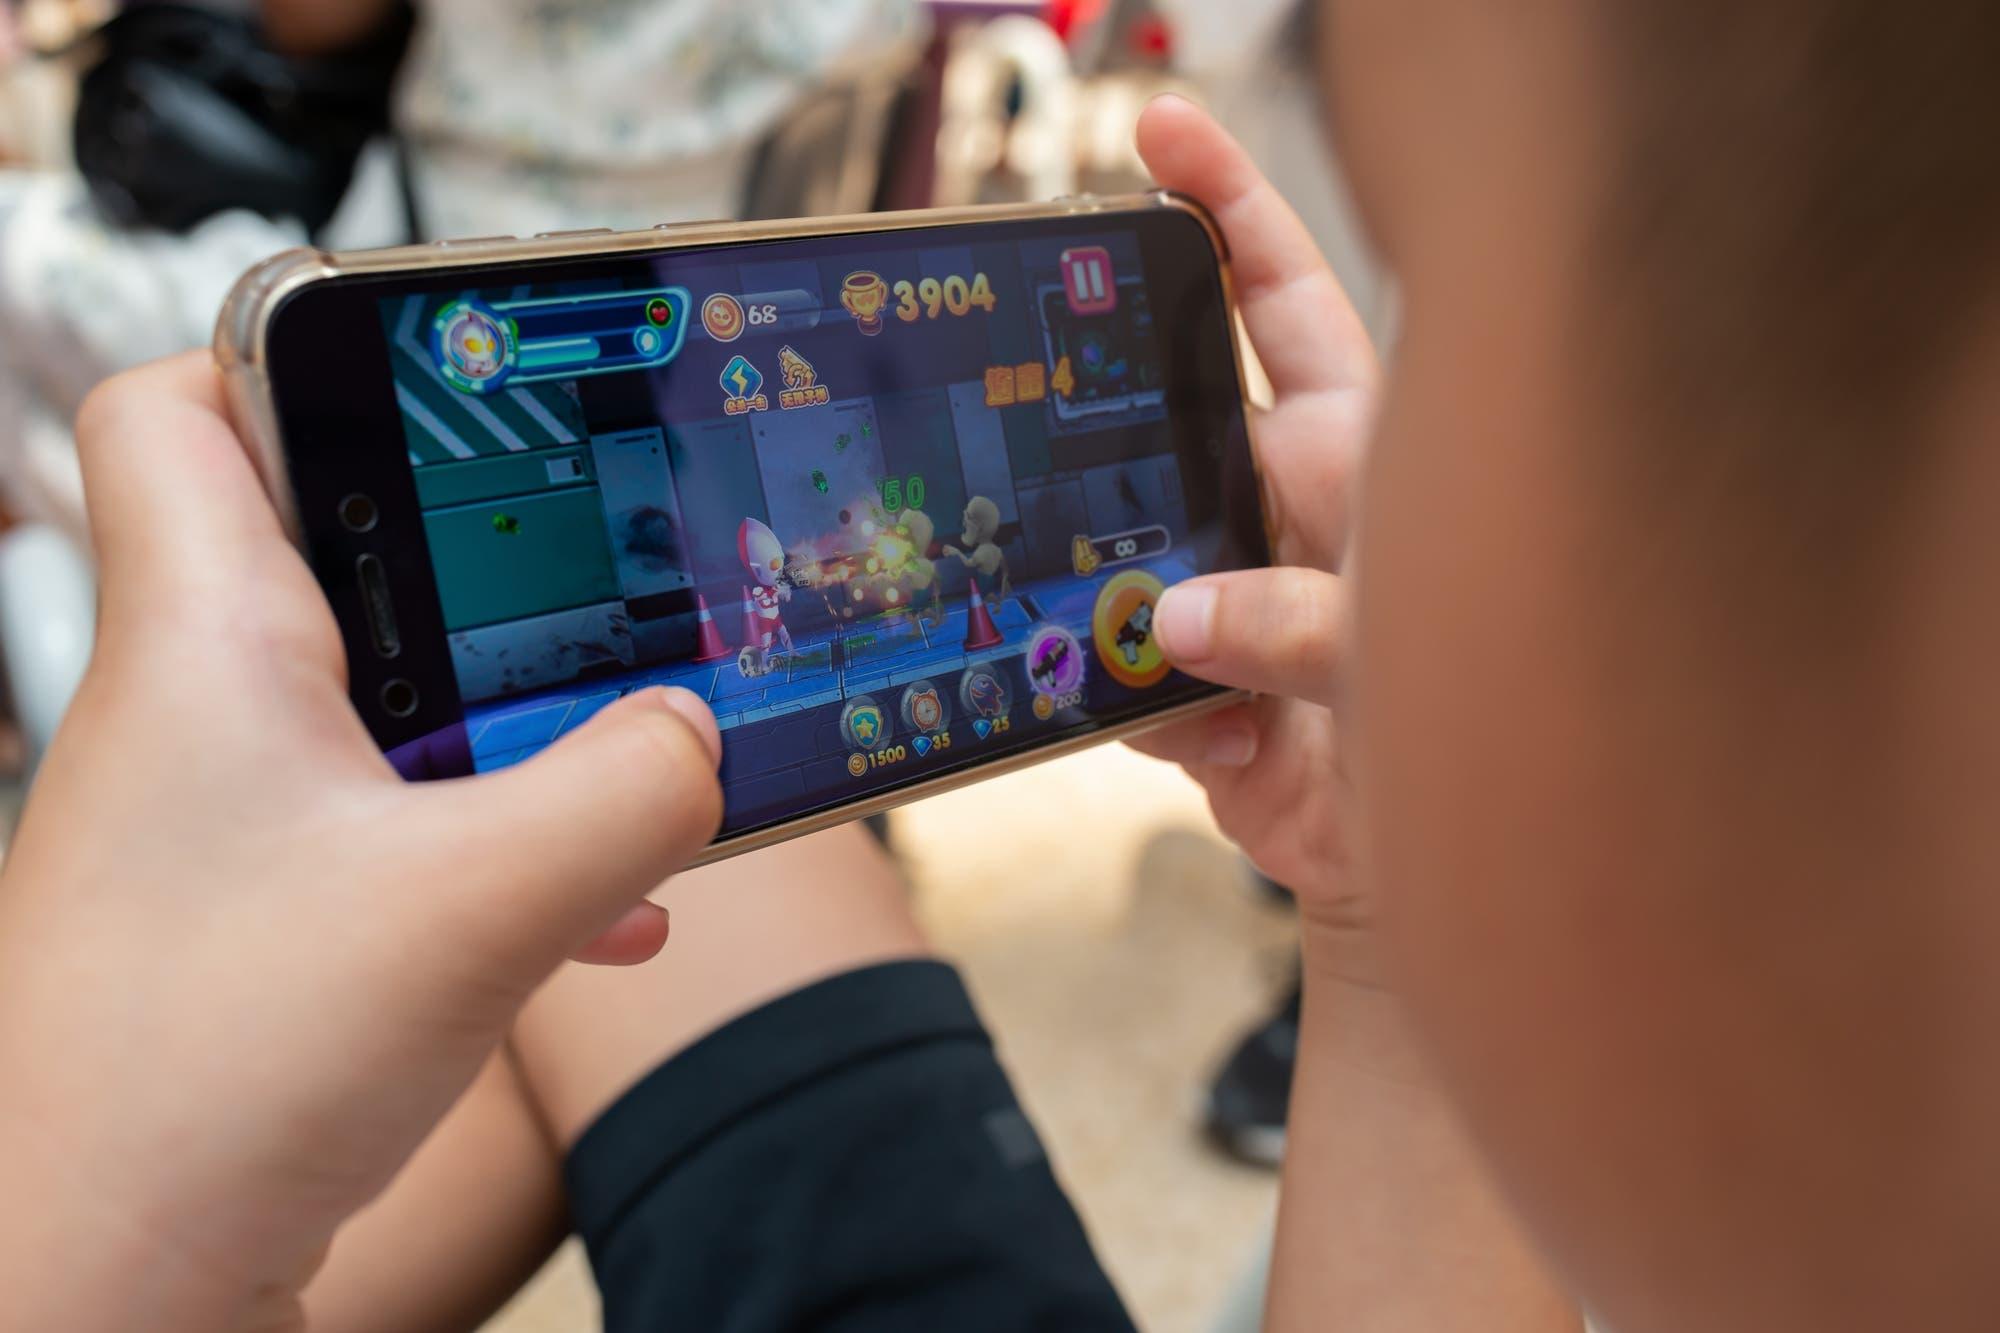 China le pone un límite diario de una hora y media de videojuegos a los menores para combatir la adicción a las partidas online